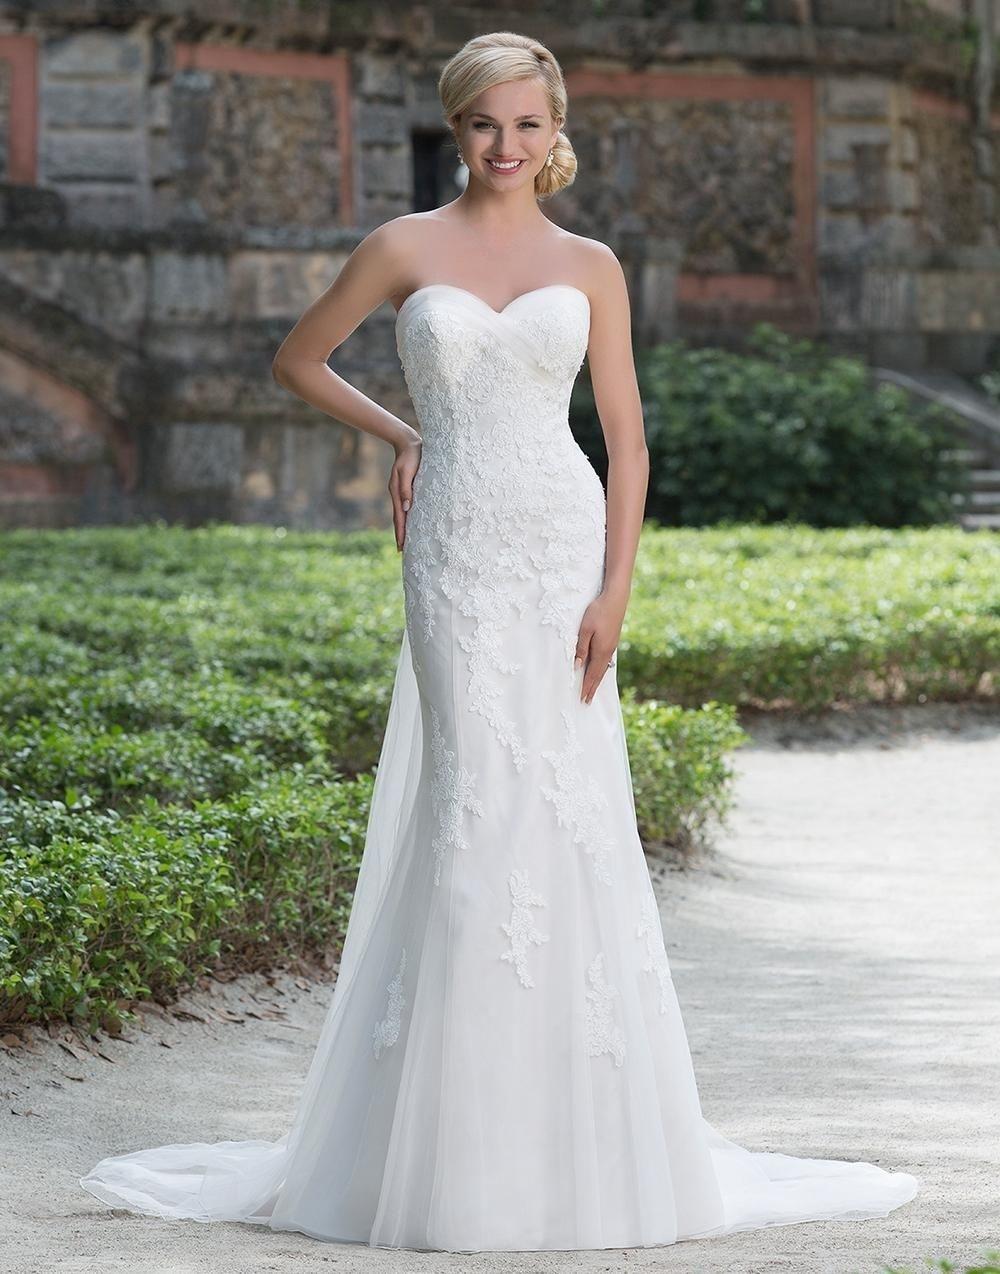 Abend Leicht Preise Brautkleider Vertrieb10 Coolste Preise Brautkleider Bester Preis